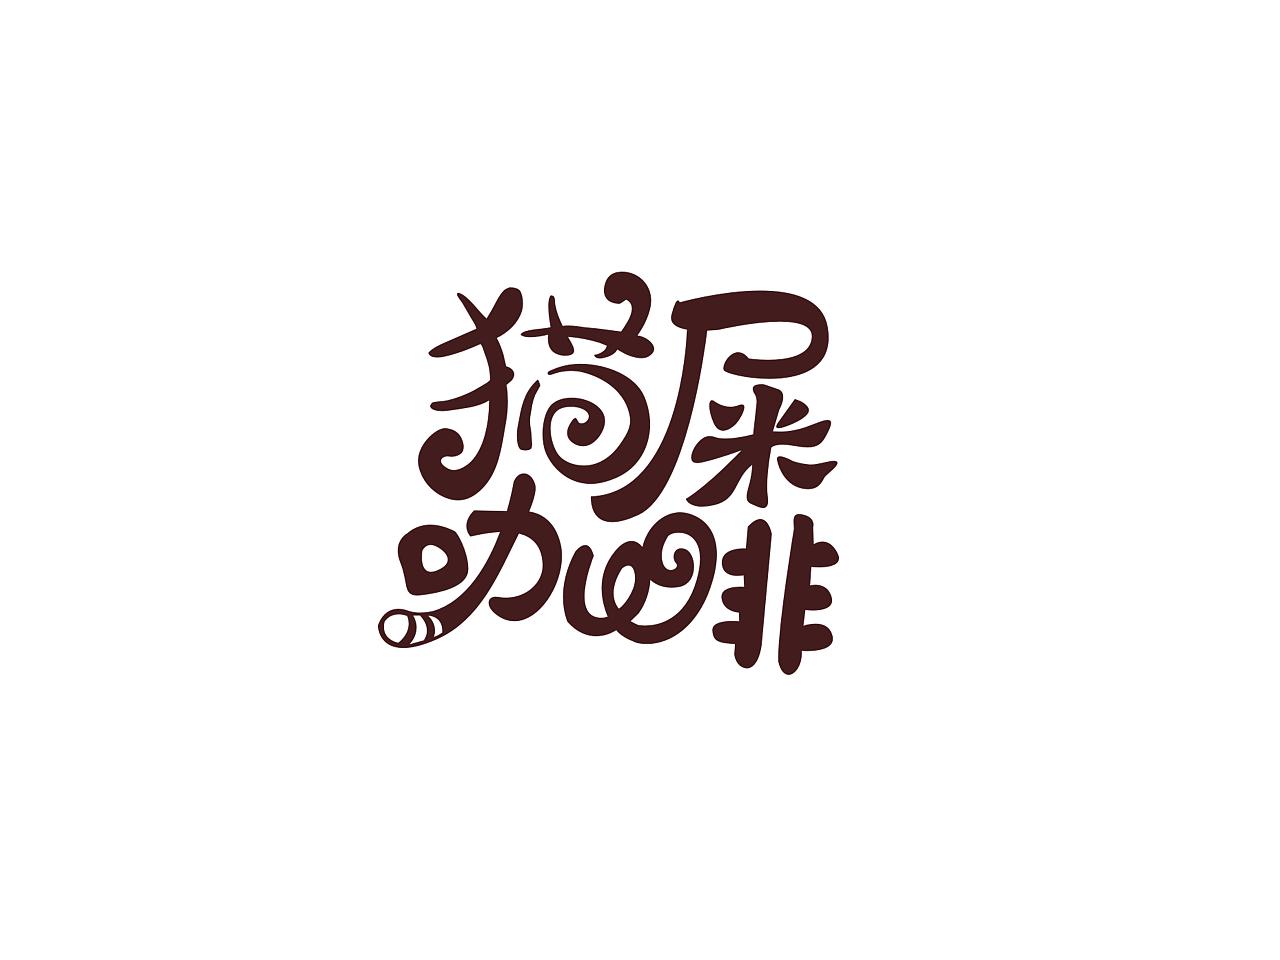 字体设计a